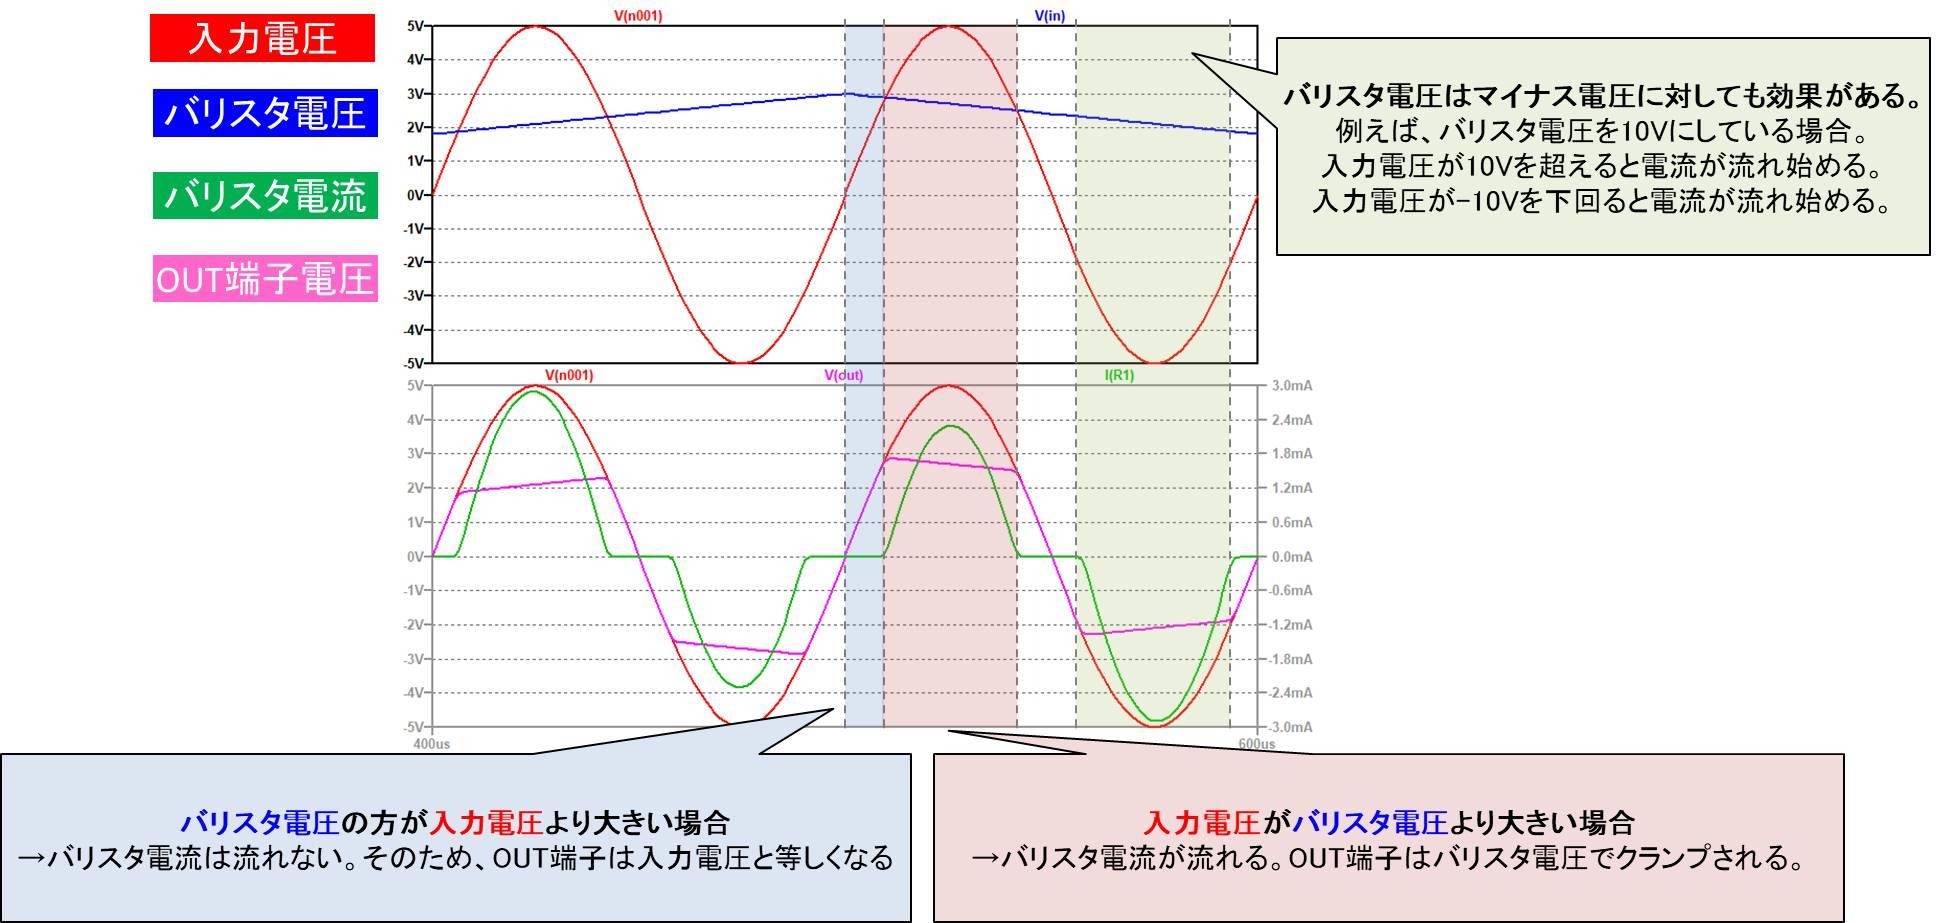 【LTspice】バリスタのサンプル回路図のシミュレーション02